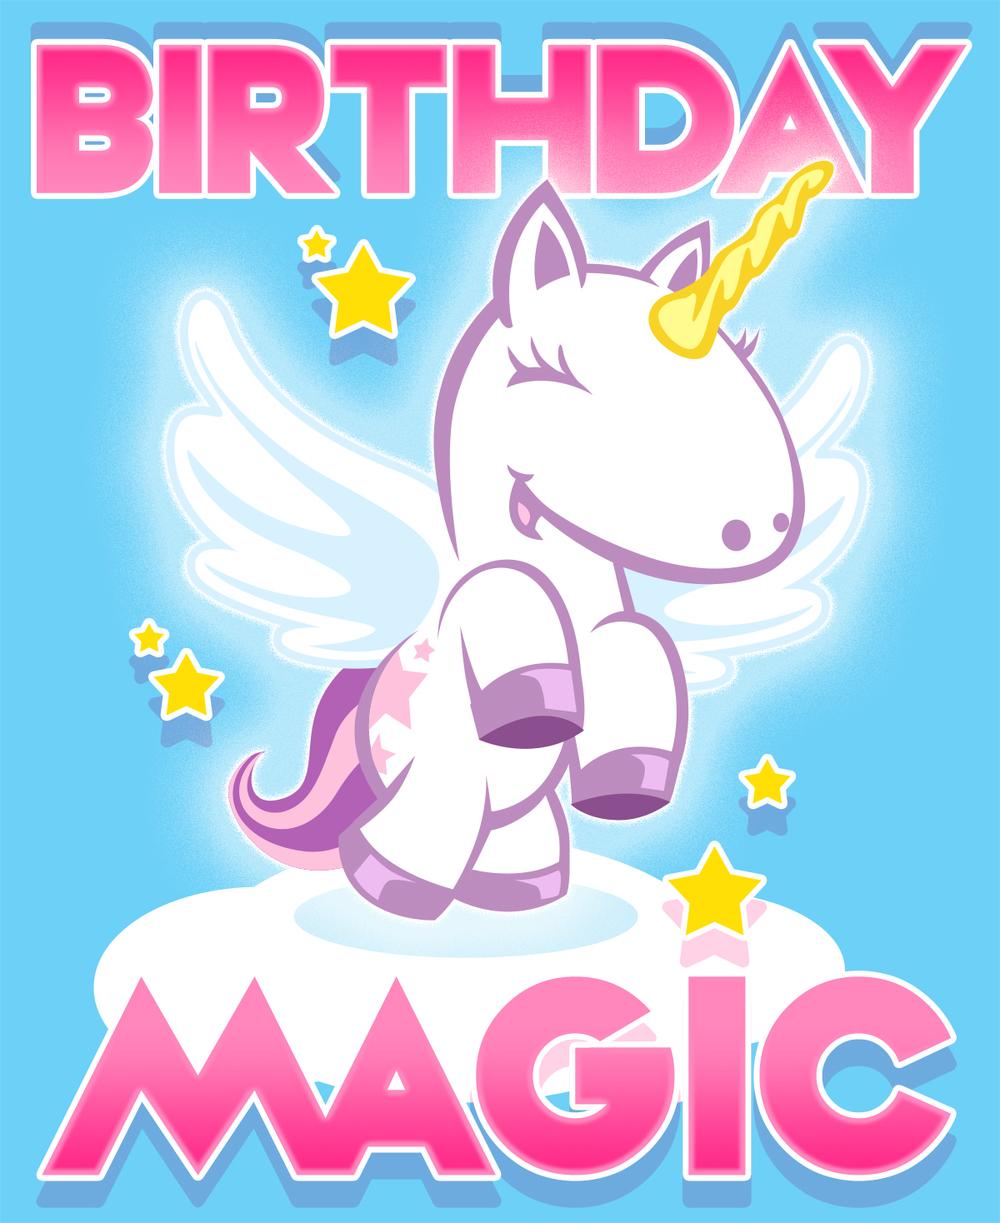 ...birthday magic card...